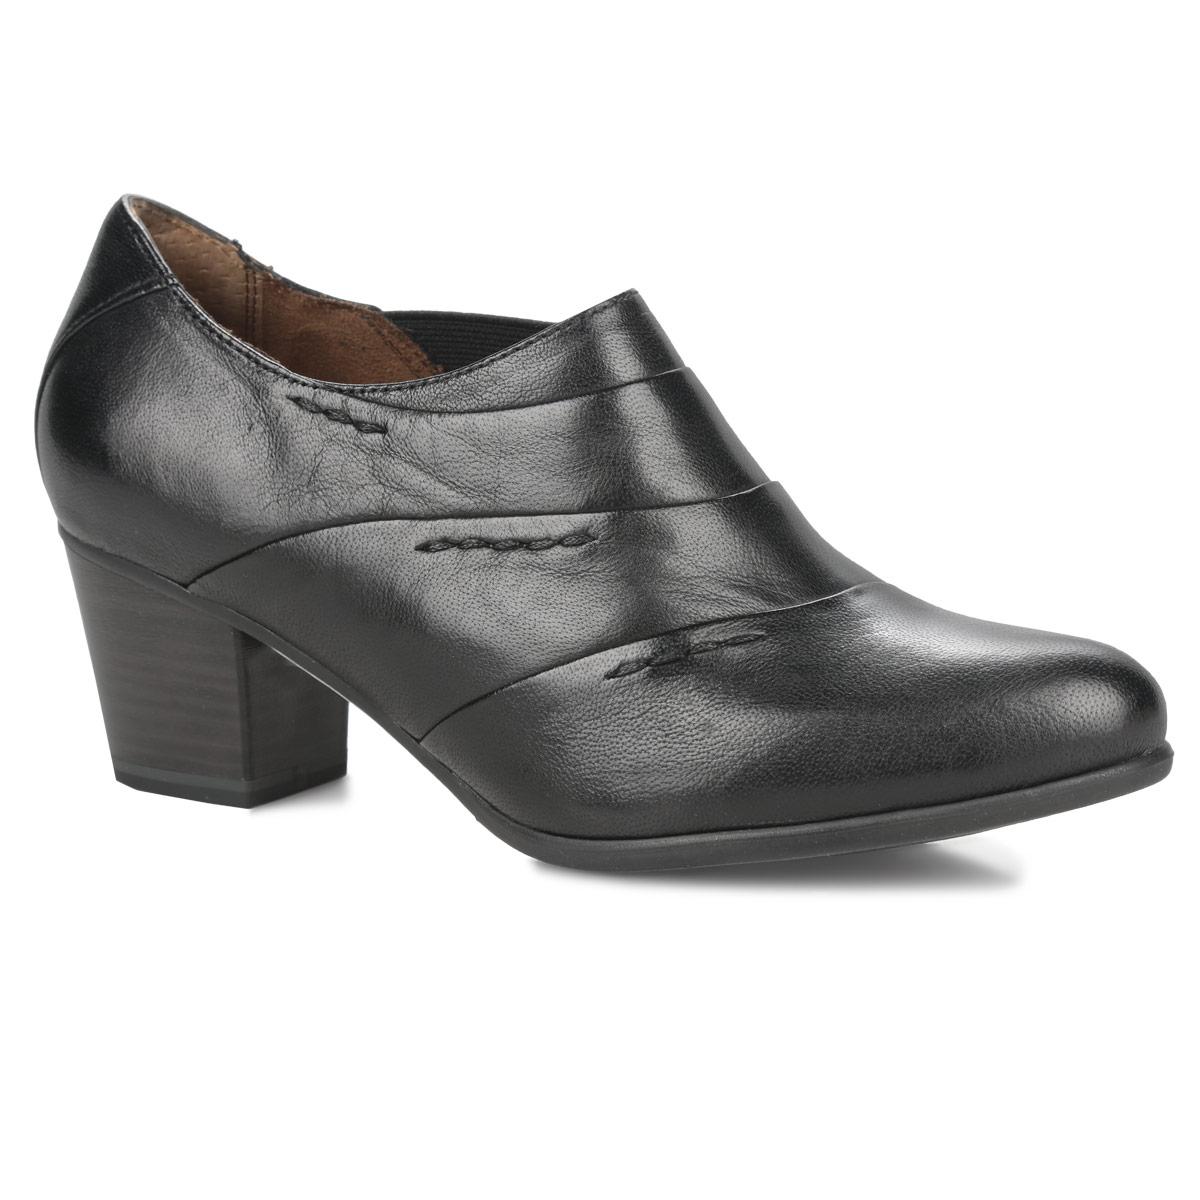 Ботильоны. 1-24406-25-0011-24406-25-001Эффектные ботильоны от Tamaris займут достойное место в вашем гардеробе. Модель выполнена из натуральной кожи и оформлена крупными декоративными швами. Резинка, расположенная сбоку, надежно фиксирует обувь на ноге. Подкладка и стелька из натуральной кожи позволяют ногам дышать. Невысокий каблук, стилизованный под дерево, устойчив. Рифленая поверхность каблука и подошвы защищает изделие от скольжения. Модные ботильоны помогут вам создать яркий образ!